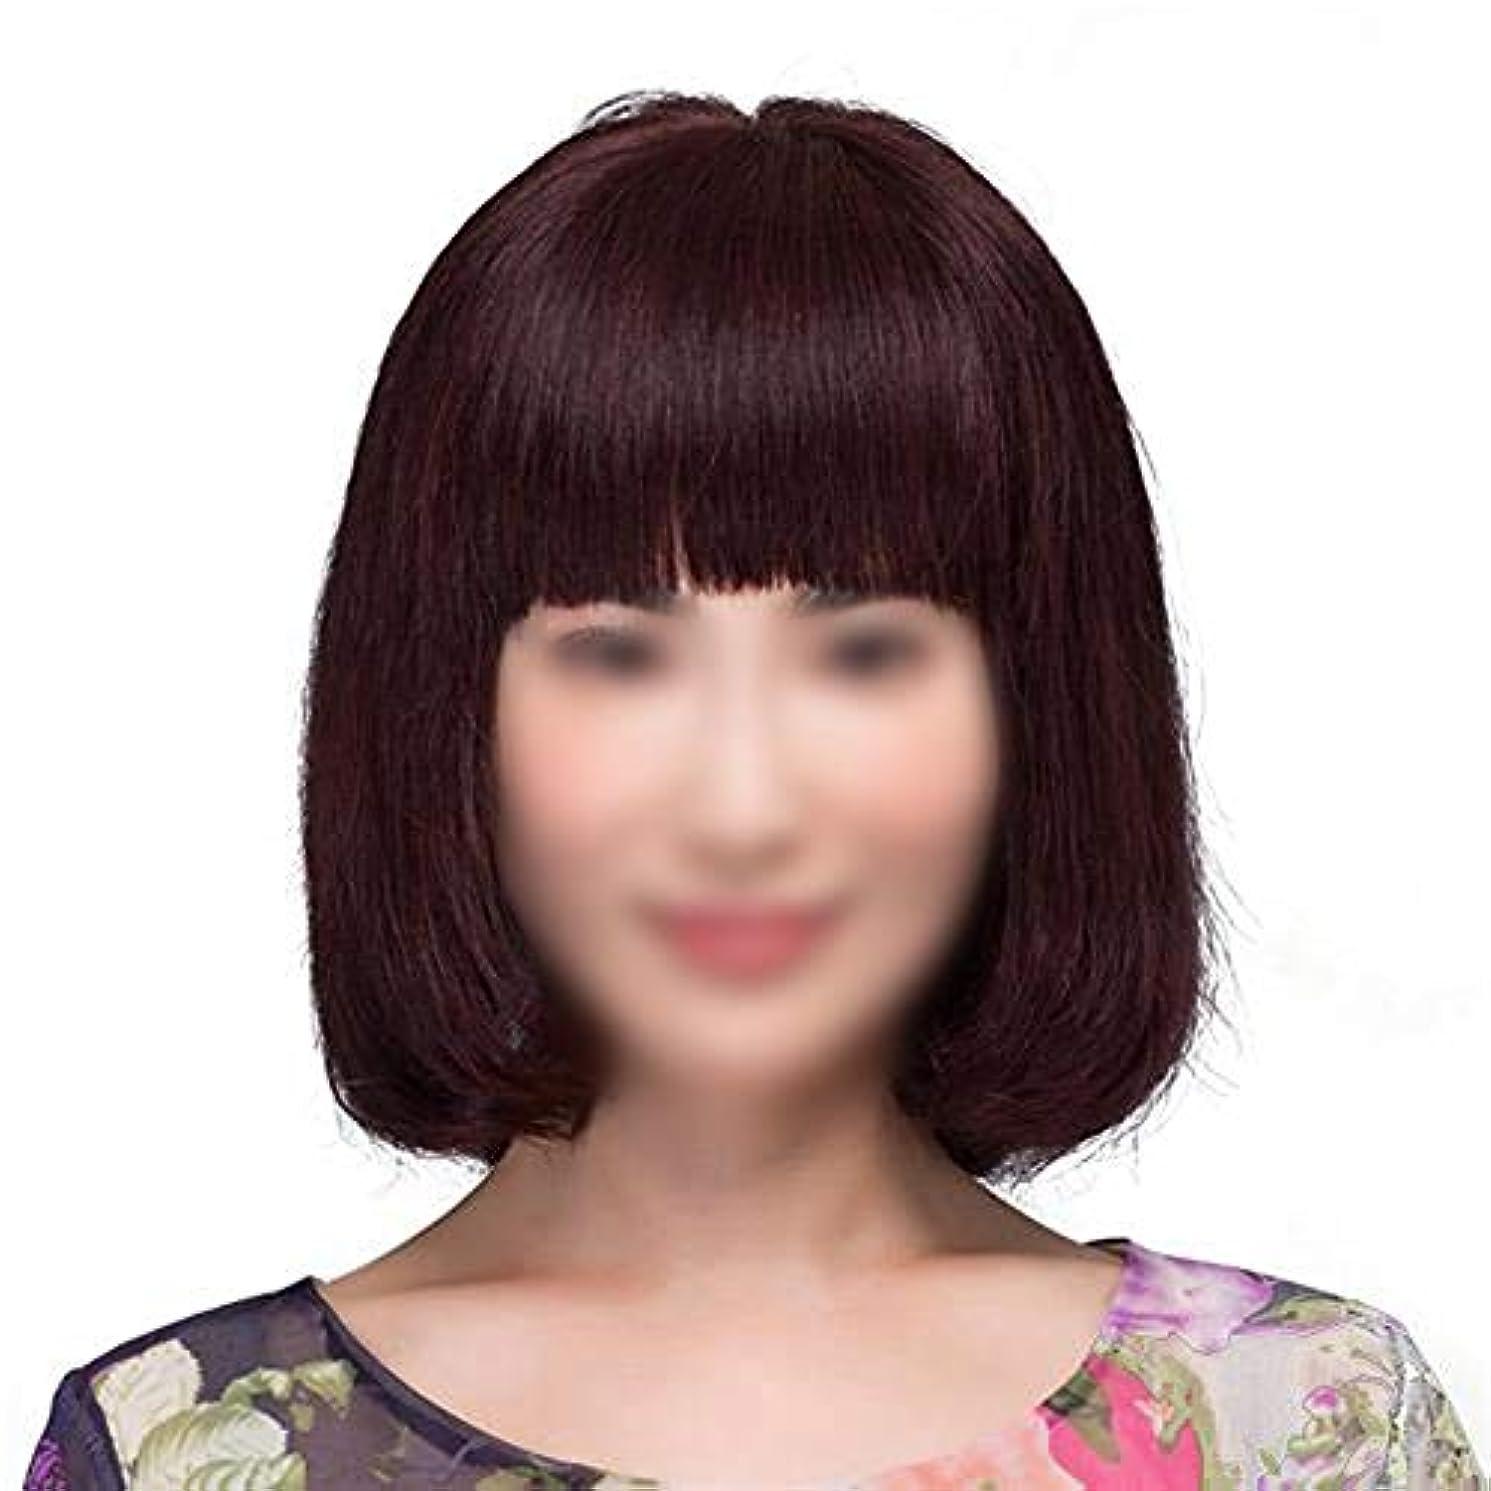 誓い若者人道的YOUQIU 女子ショートストレートヘアーボブウィッグレアル髪ふわふわナチュラル鎖骨Hairdailyドレスウィッグ (色 : Dark brown)